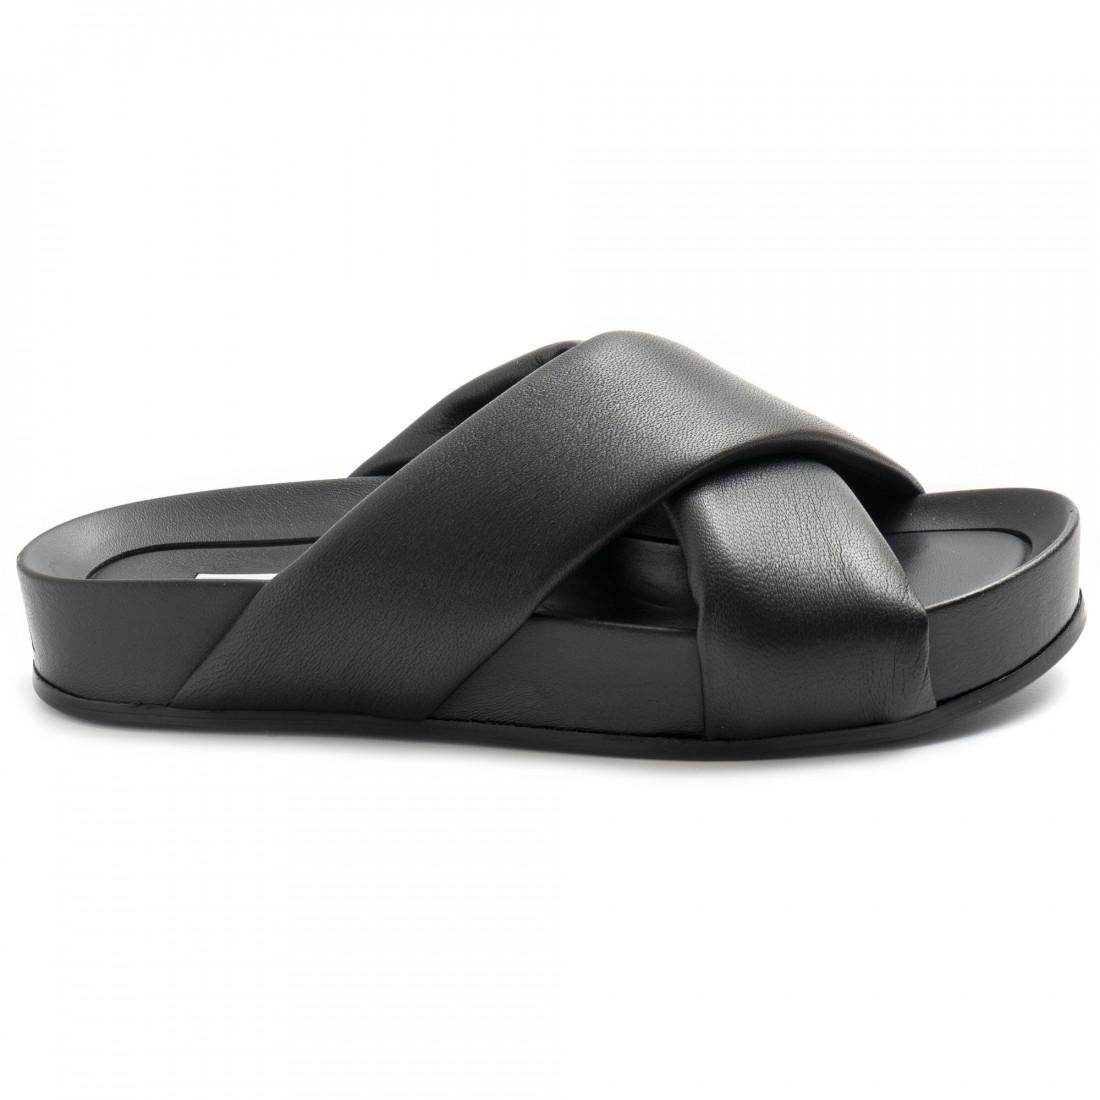 sandali donna oa non fashion a18calf nero 8607